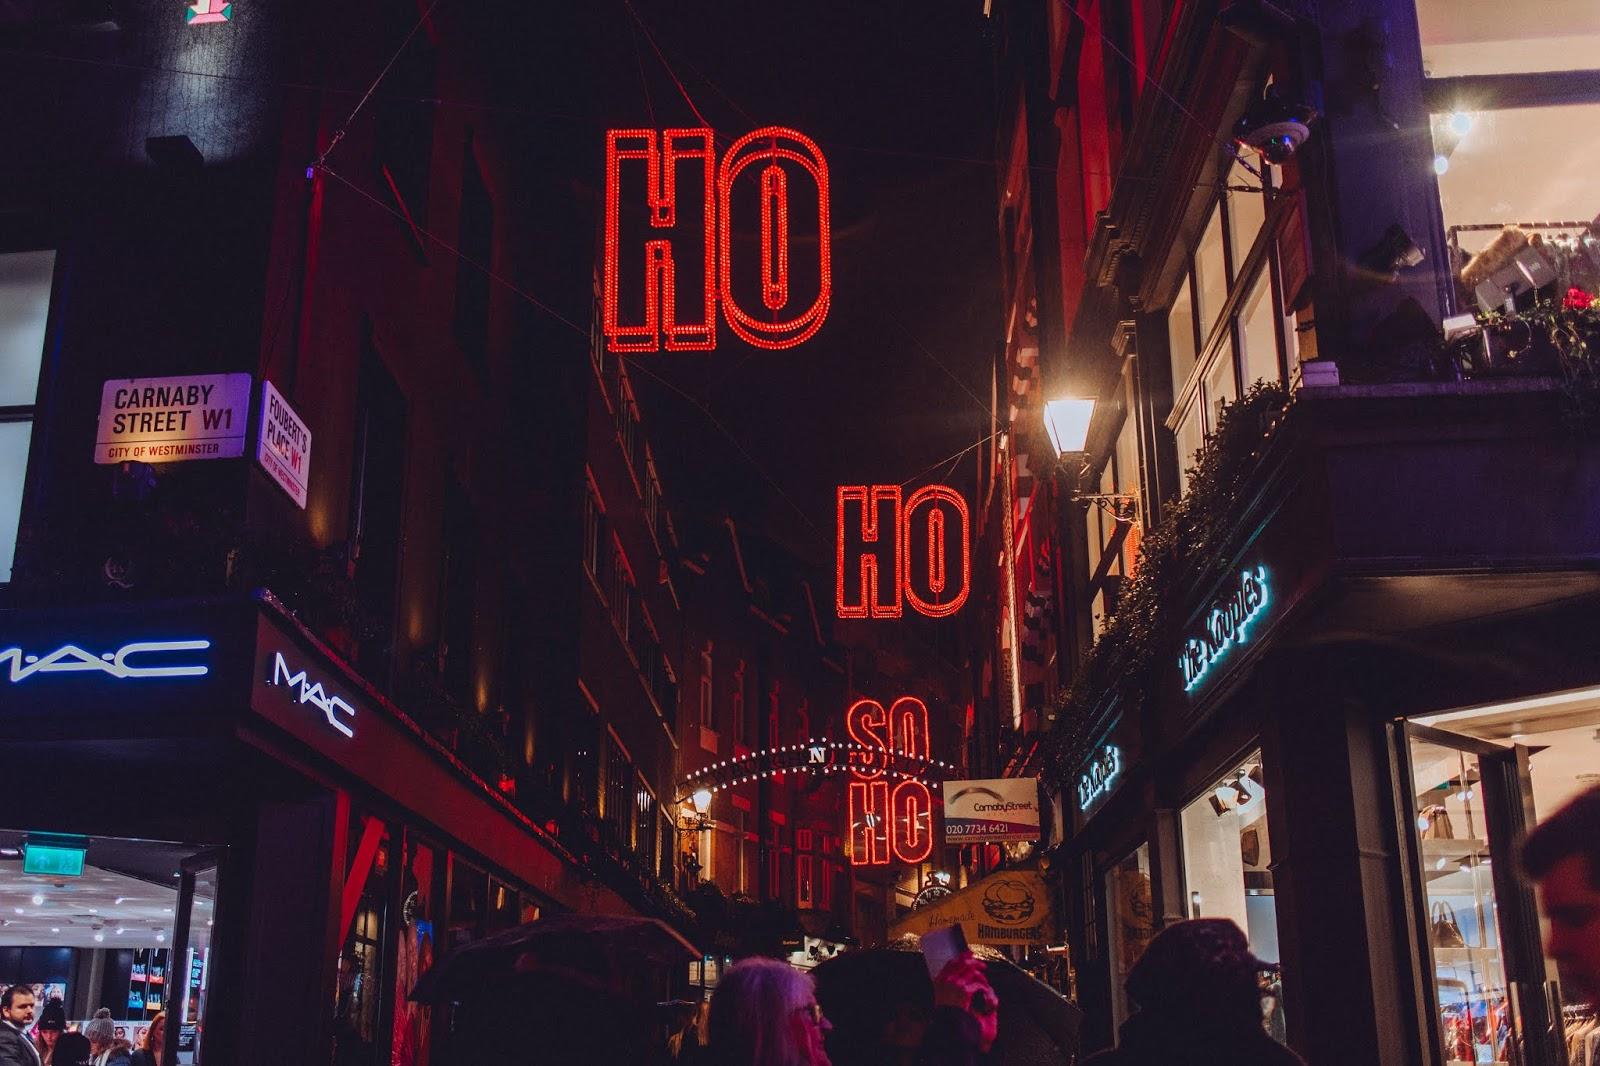 So Ho Ho Ho Christmas Lights